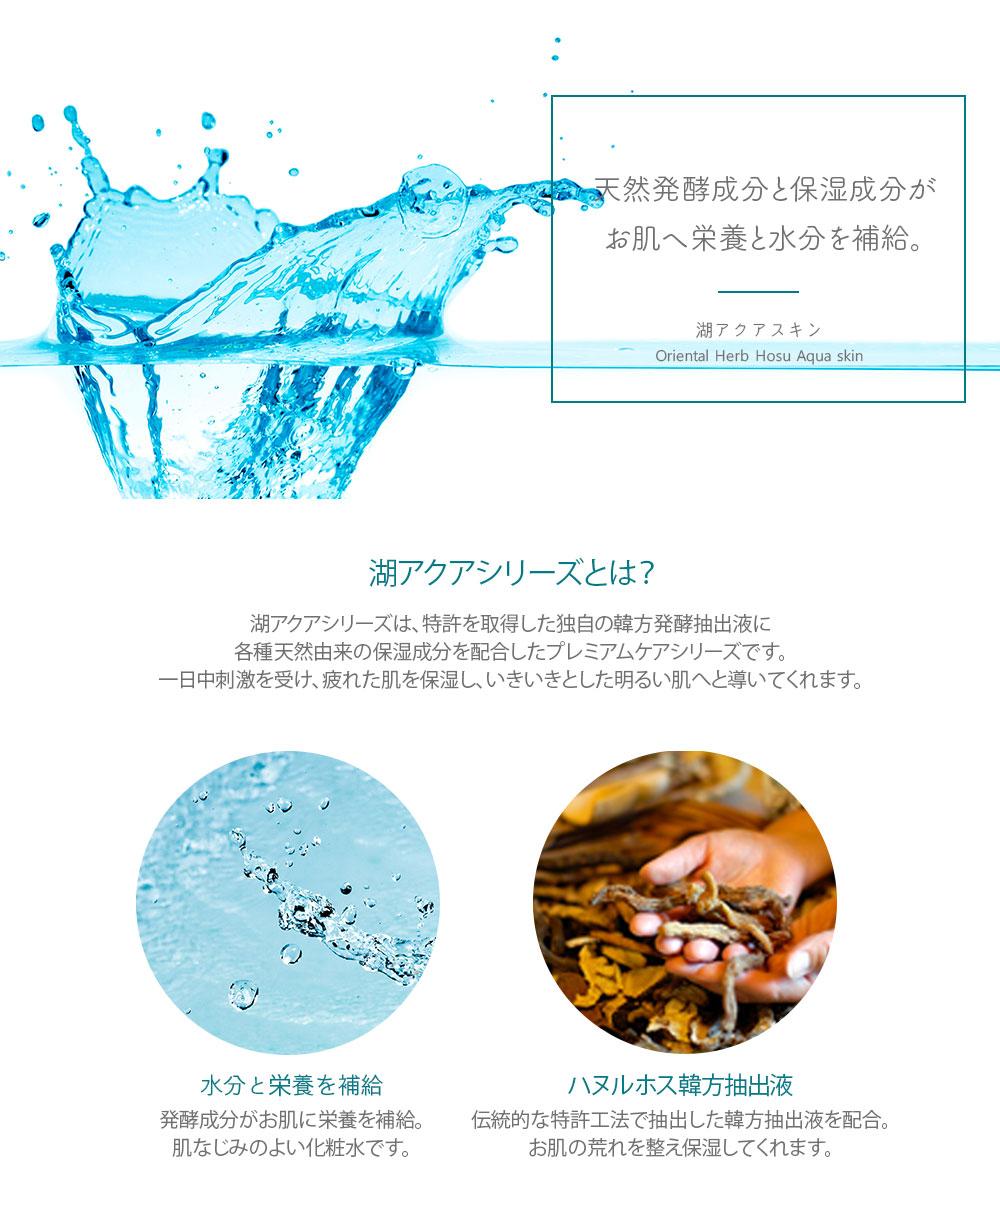 高保水化粧水【10%OFF】湖アクア保湿スキン(化粧水)